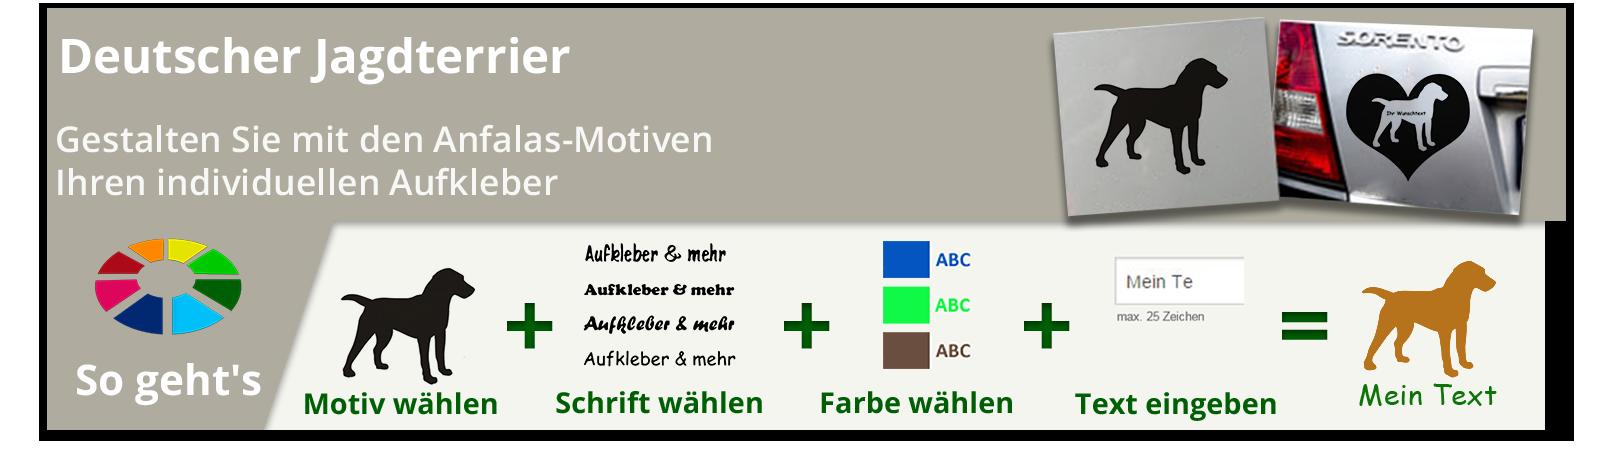 Deutscher Jagdterrier Aufkleber